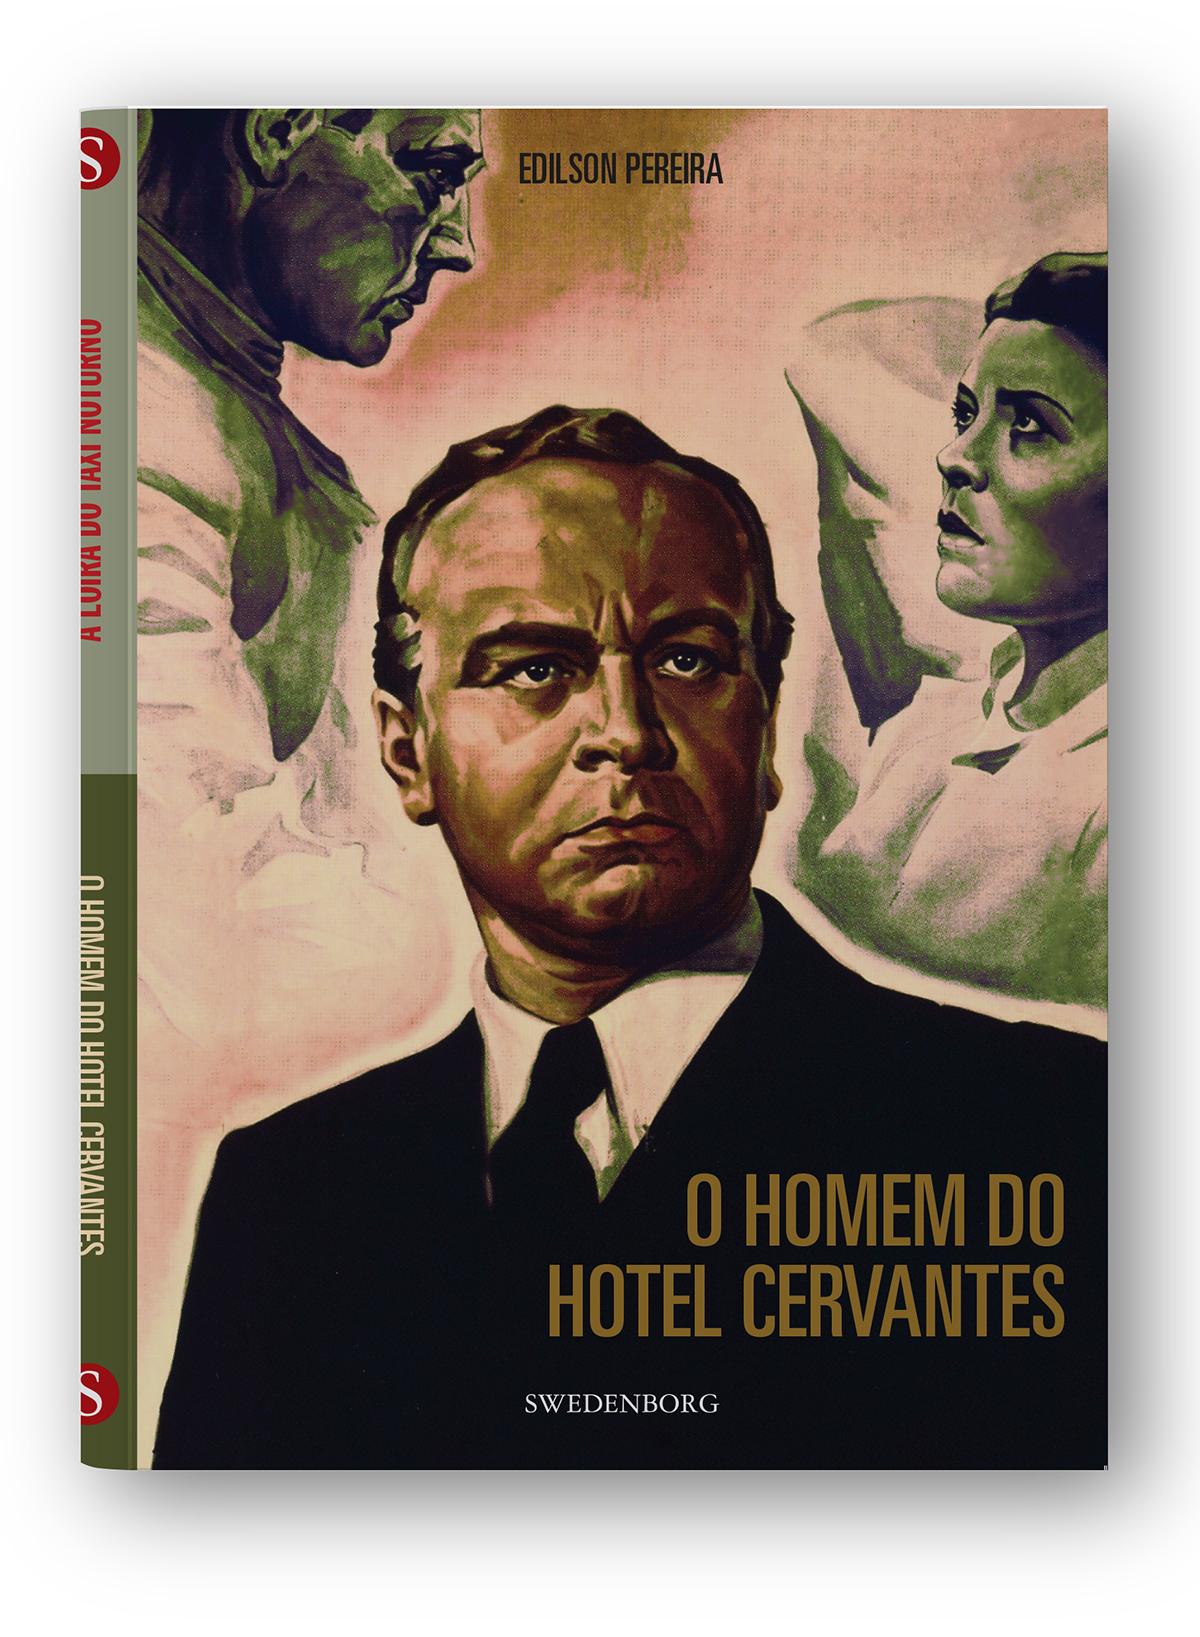 O_HOMEM_DO_HOTEL_CERVANTES